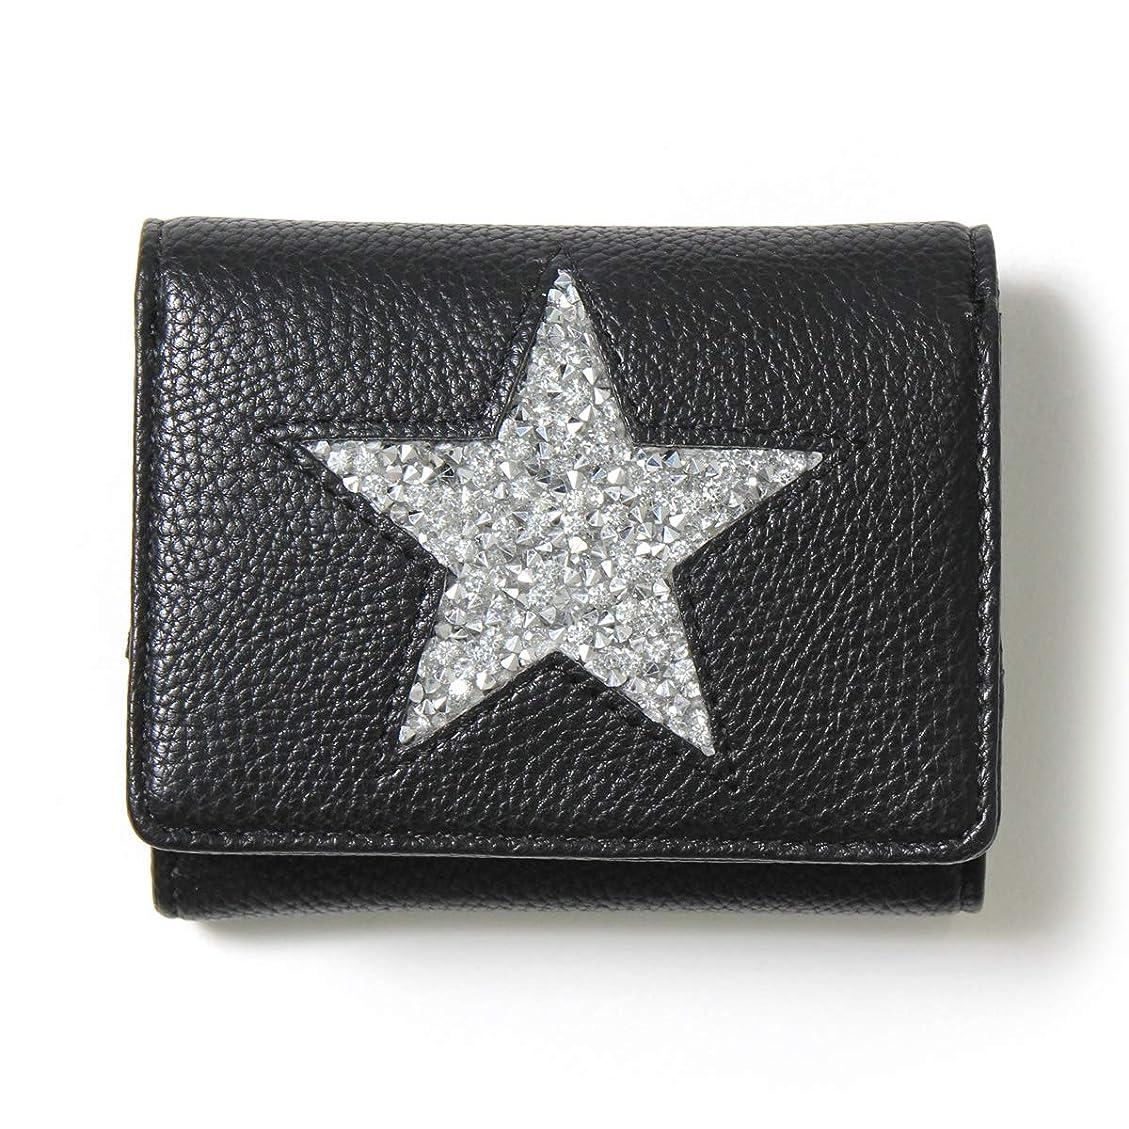 スクリュー寛大さ排除するJOKnet 三つ折り スター ミニ財布 レディース ミニウォレット サイフ 短財布 小さい コンパクト 薄型 軽量 小銭入れ